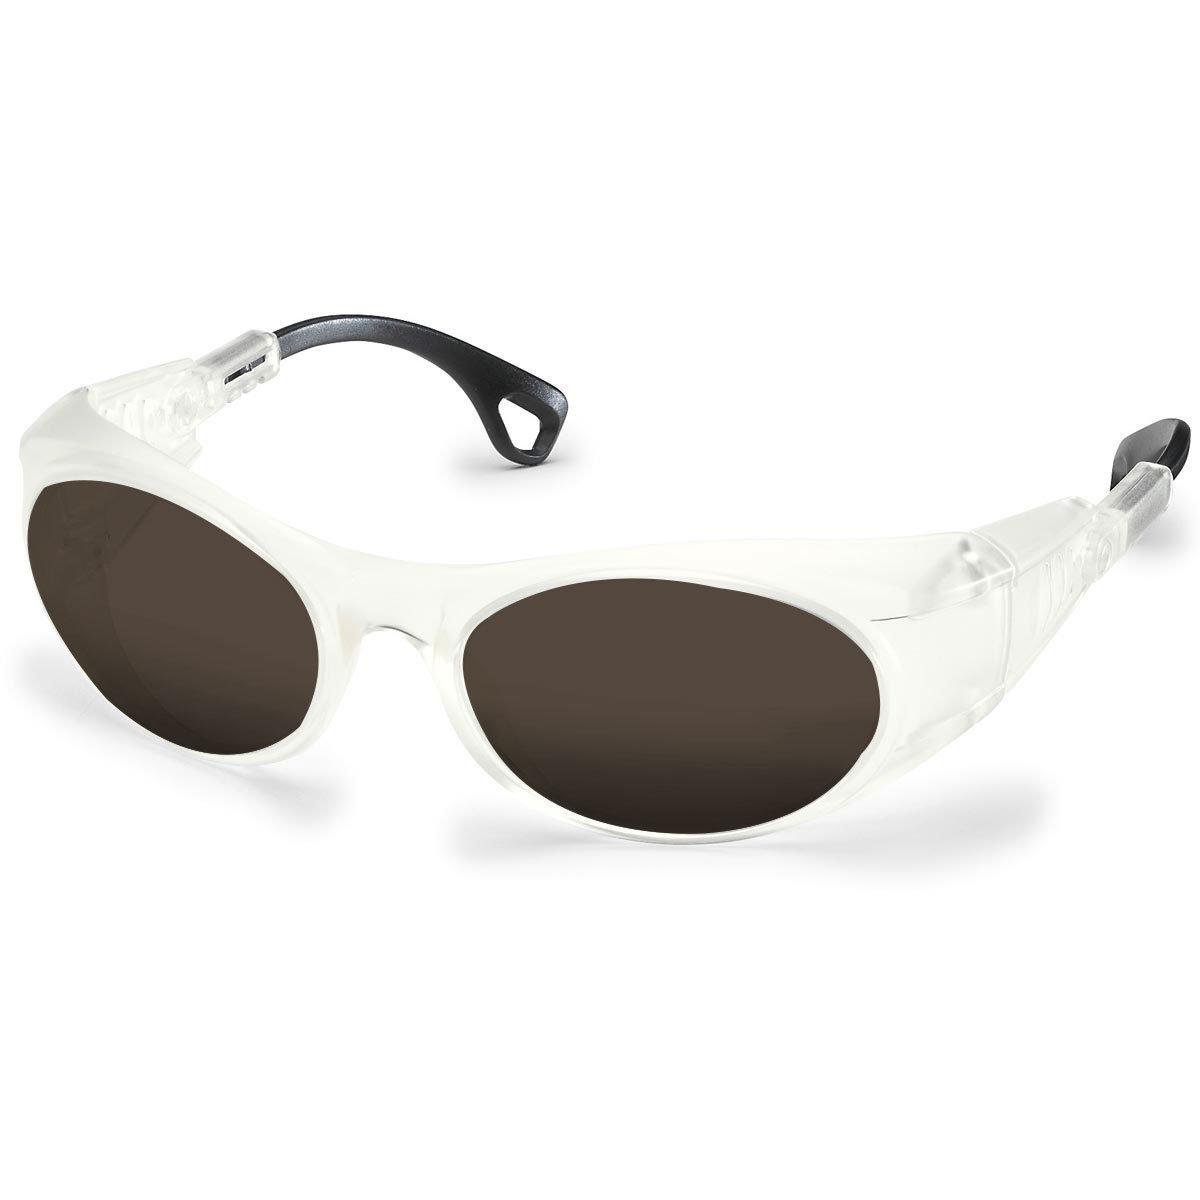 Uvex Korrektionsschutzbrille RX cd 5505 matt - braun getönt